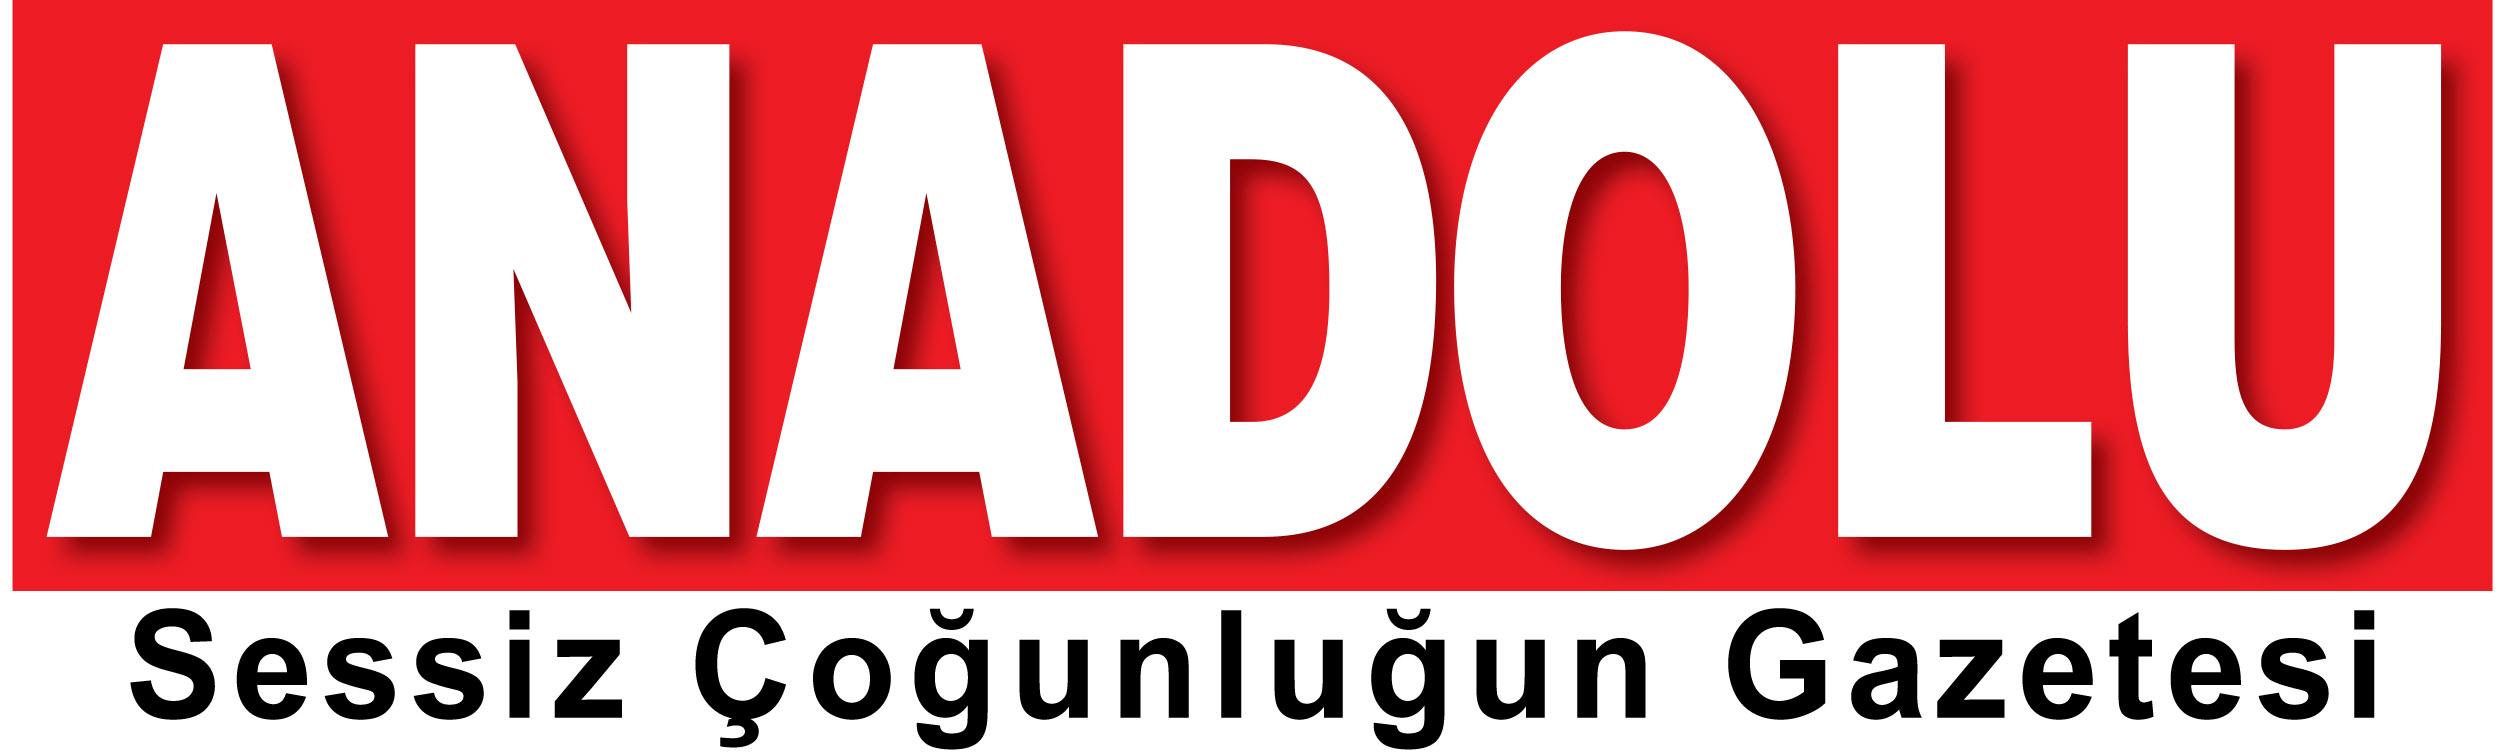 """Anadolu Gazetesi """"Sessiz Çoğunluğun Gazetesi"""""""